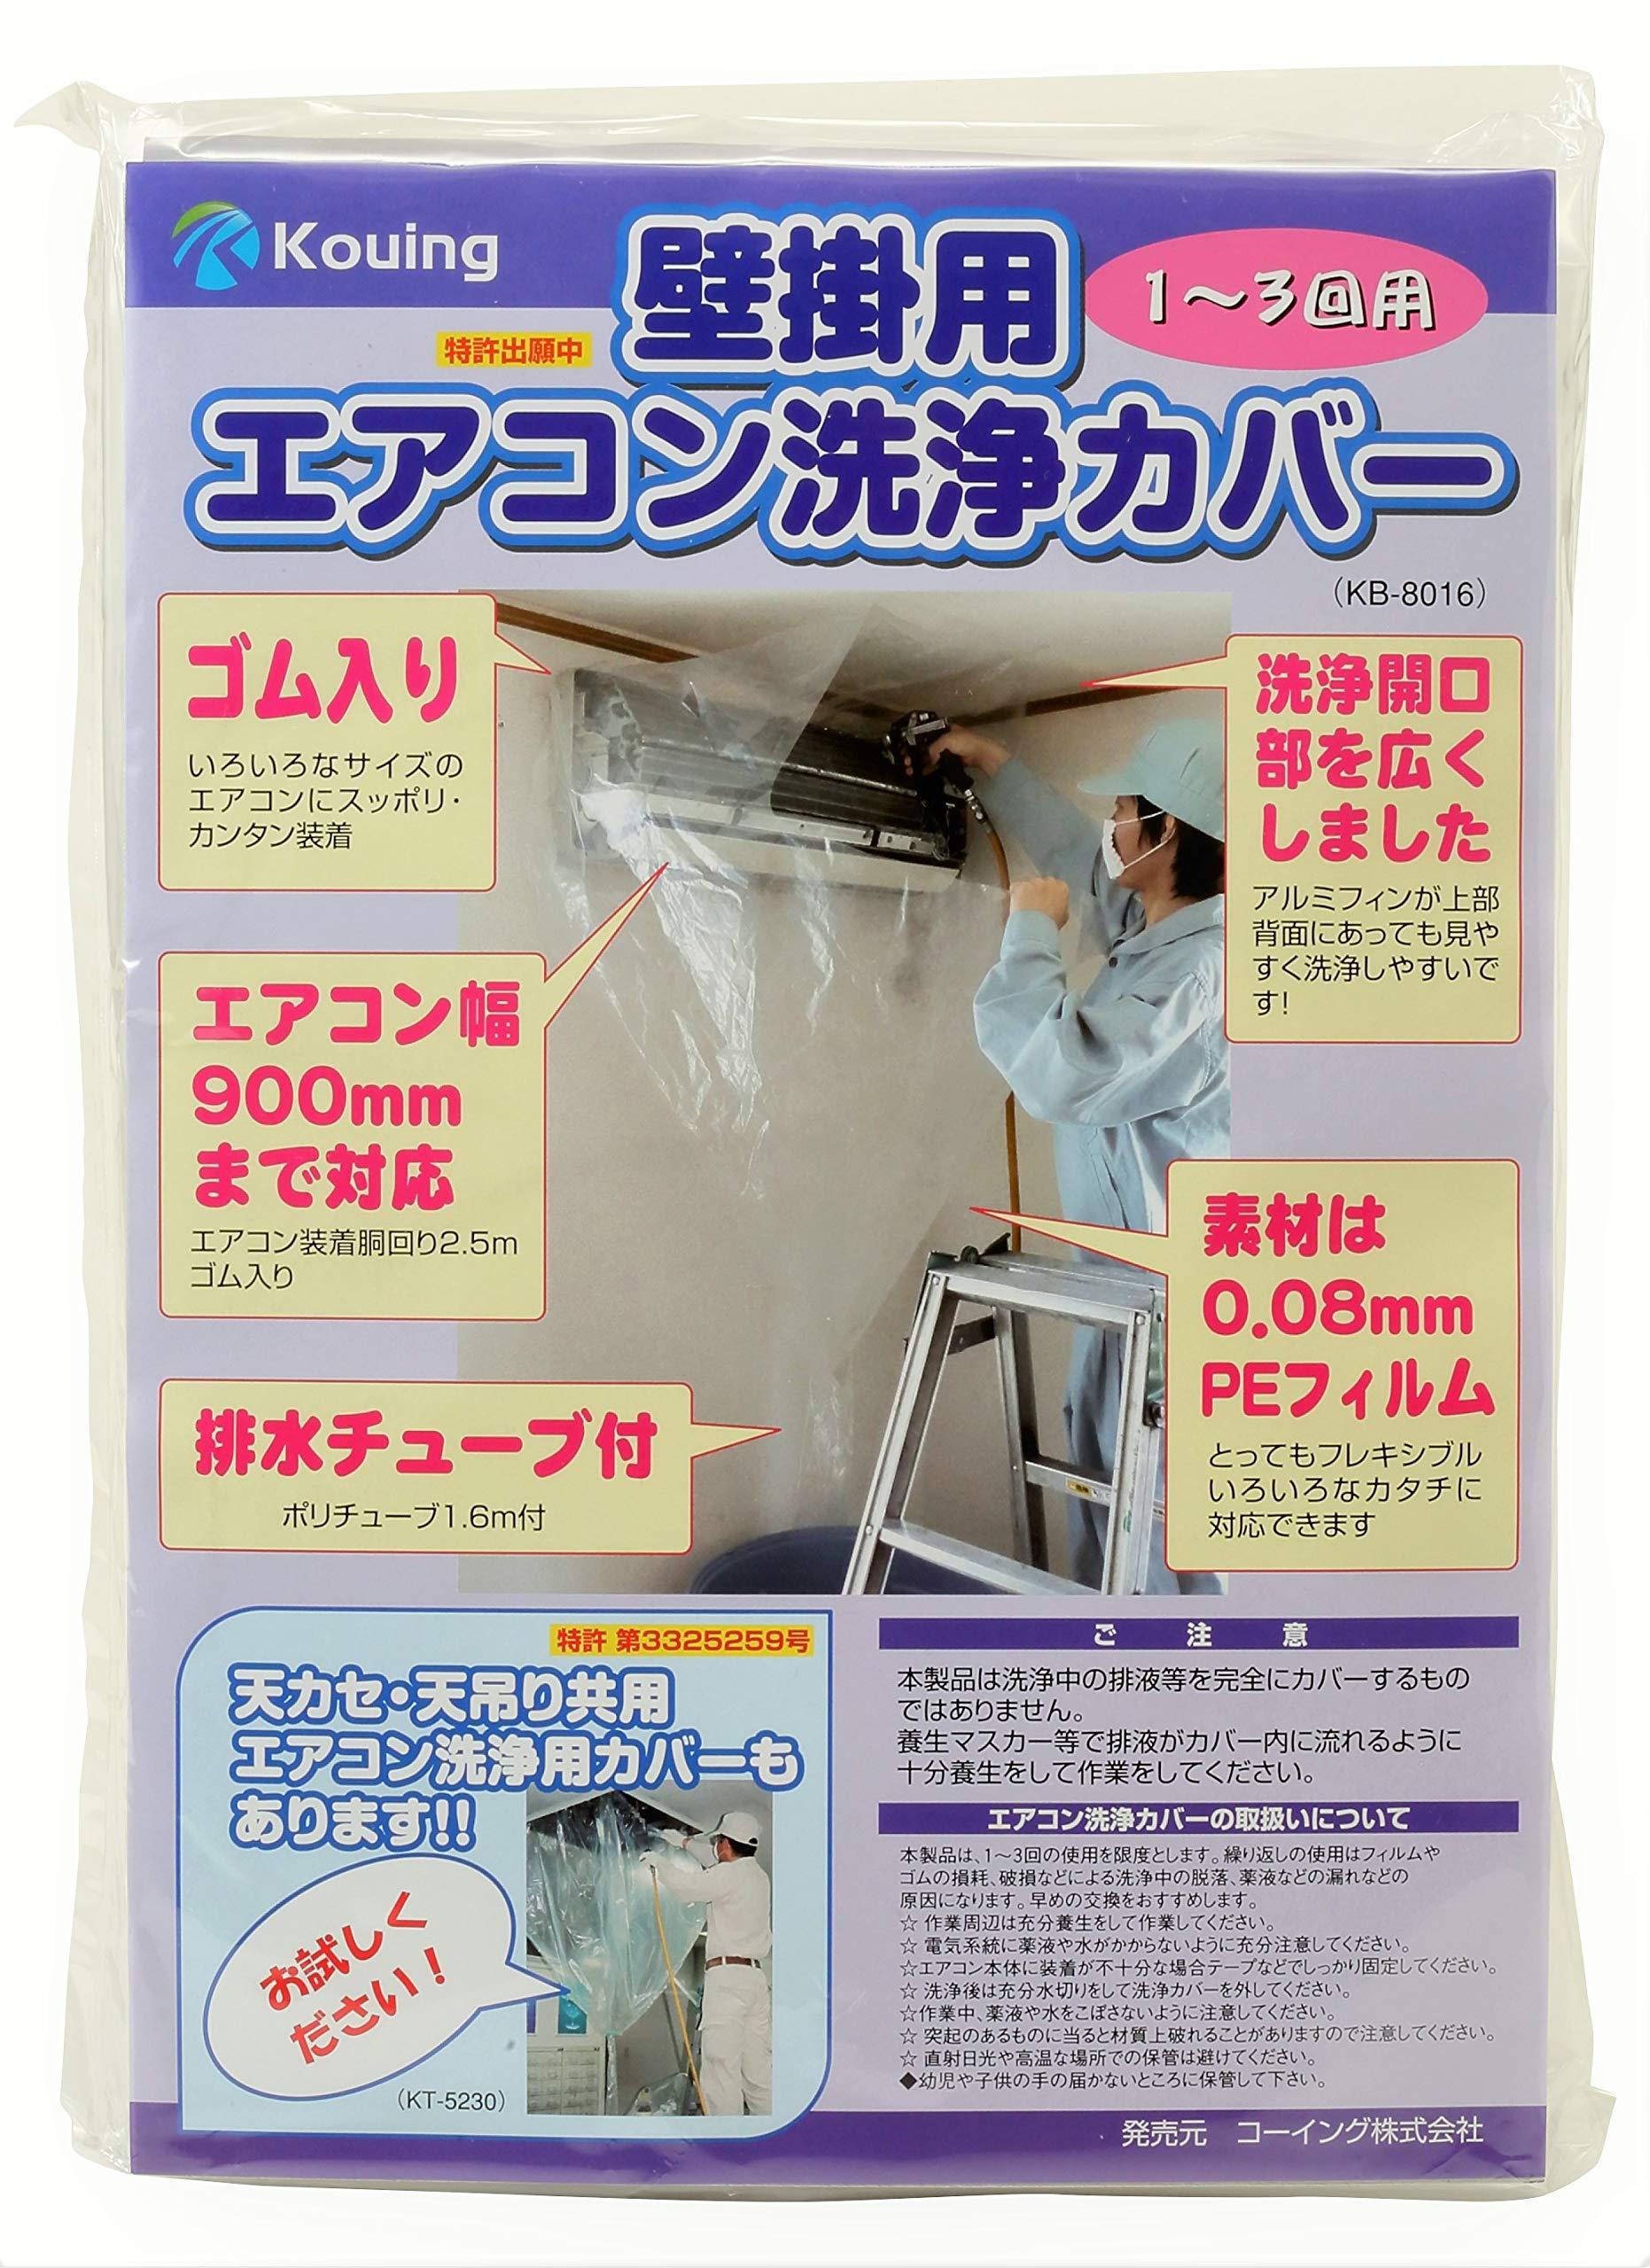 壁掛用 エアコン洗浄カバー KB-8016 product image